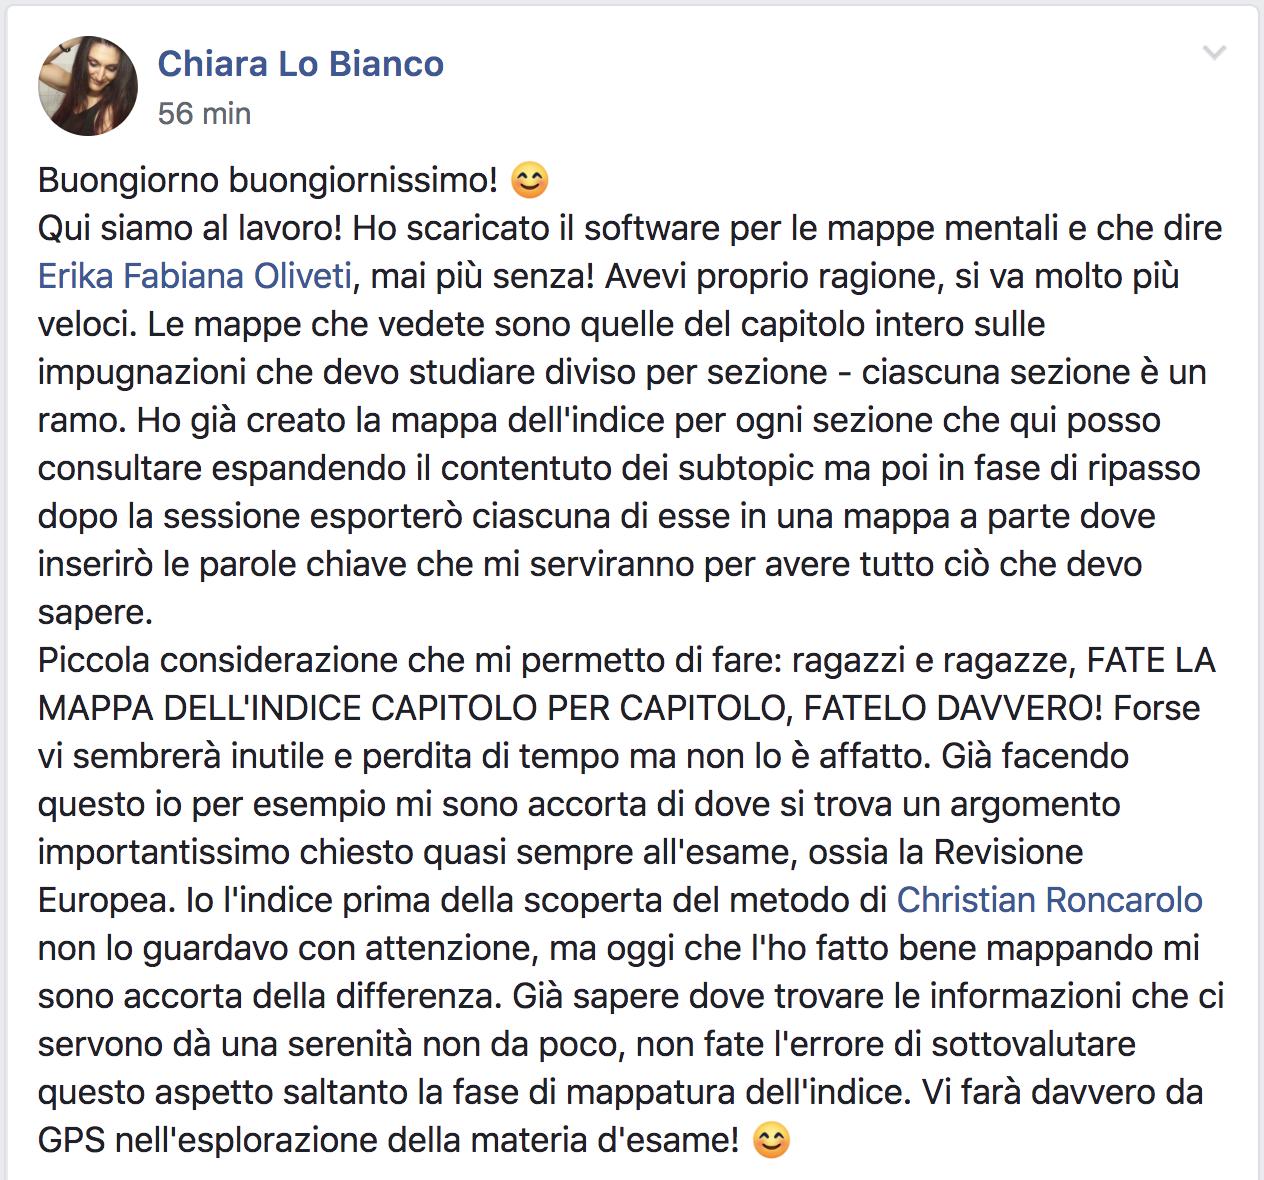 Chiara lo Bianco testimonial